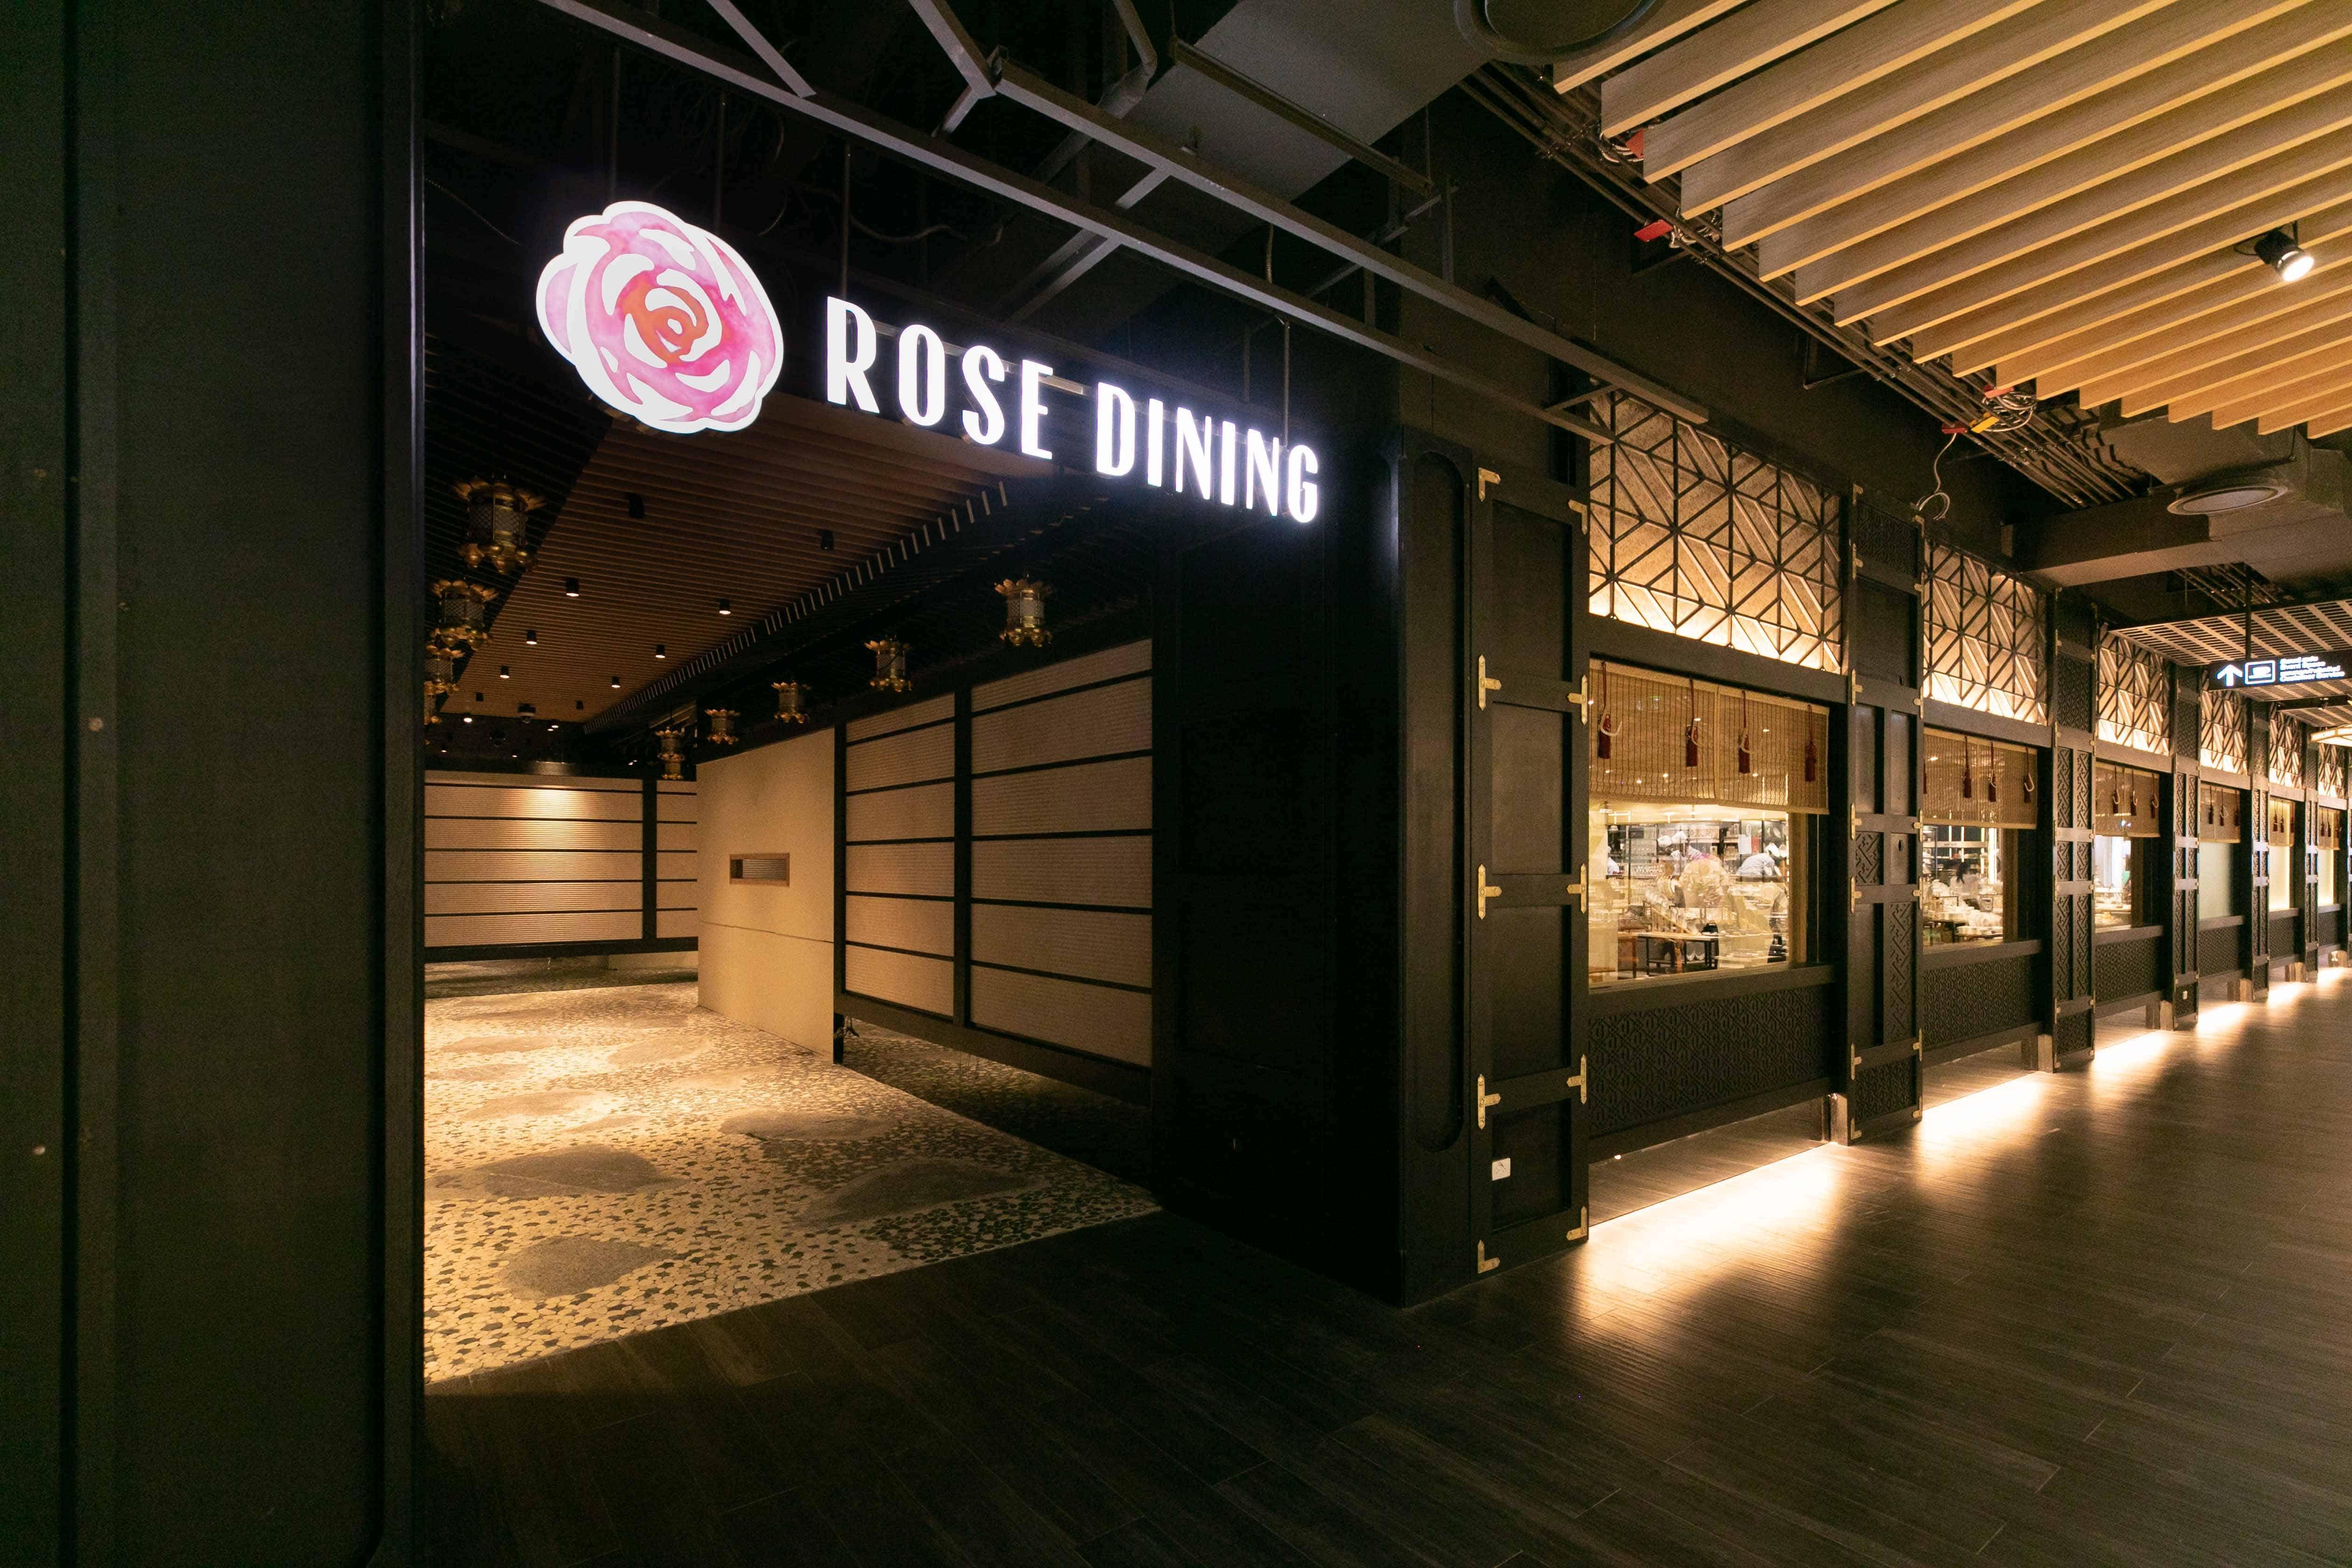 ชั้น 4 แผนกผลิตภัณฑ์สำหรับเด็ก เฟอร์นิเจอร์ ของใช้ในชีวิตประจำวัน และร้านอาหารสุดหรู ห้างสยามทาคาชิมายะ (Siam Takashimaya)